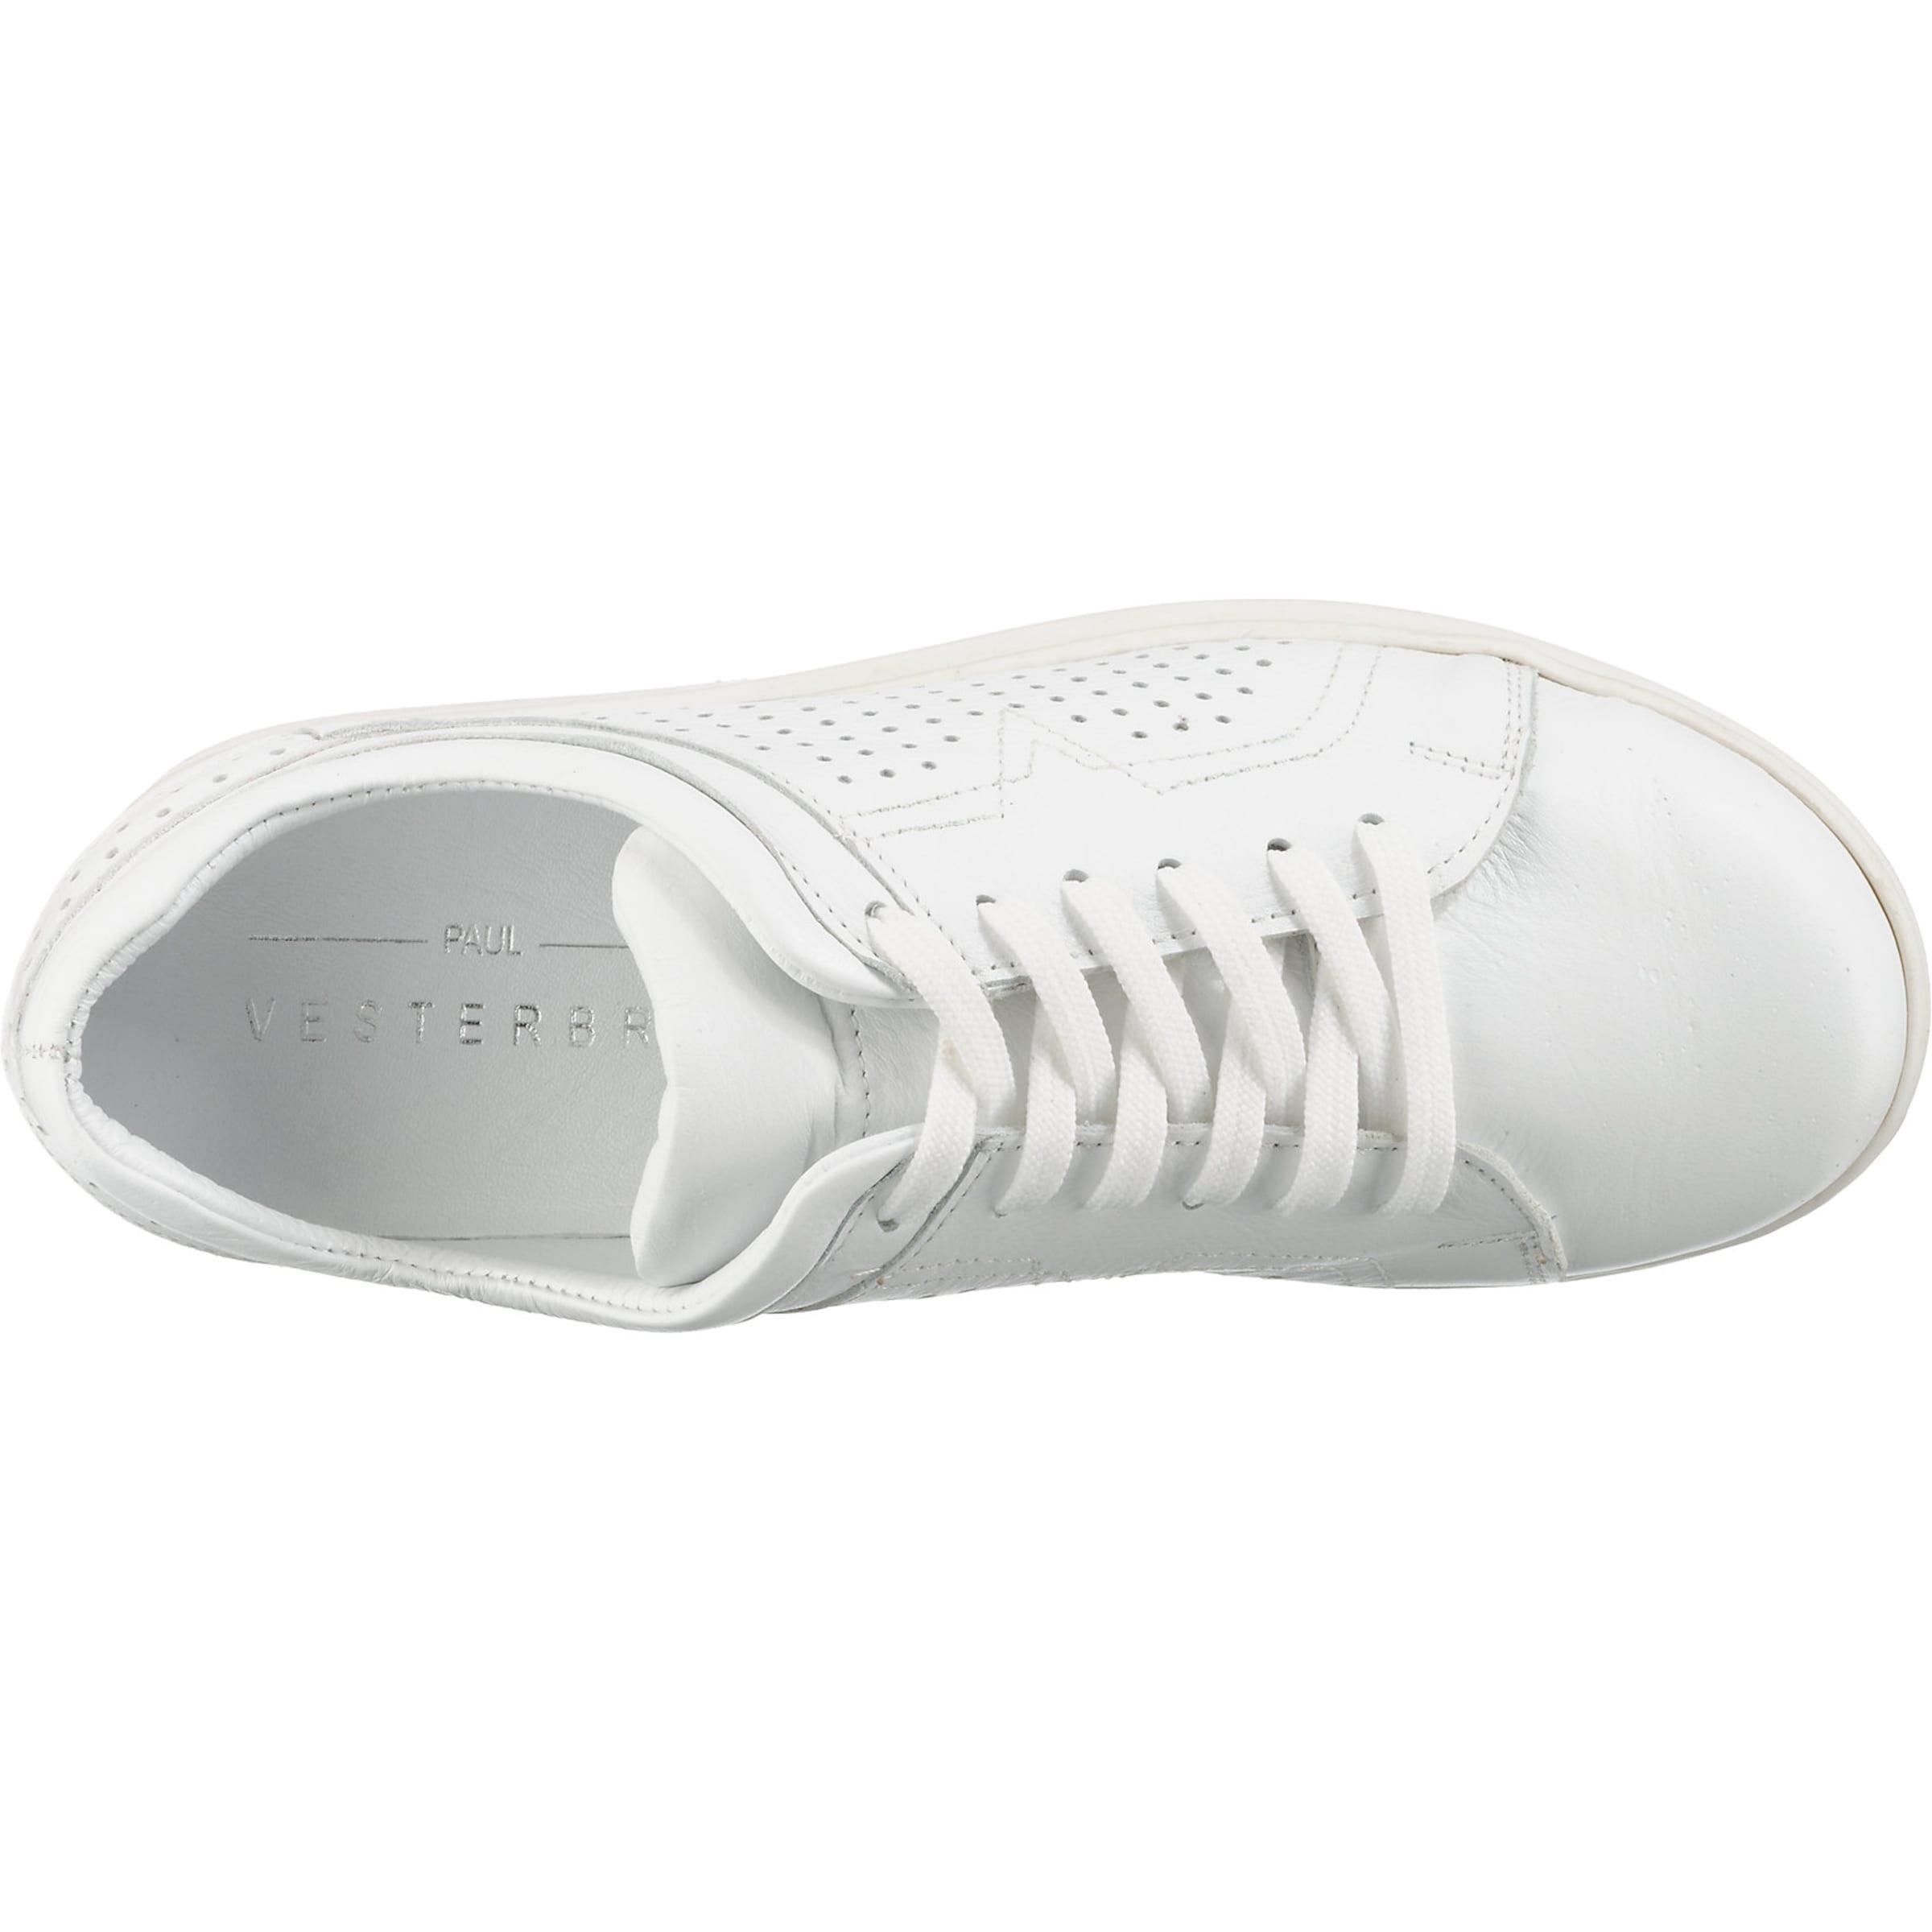 Vesterbro Weiß Sneakers Leder In Paul Xk8OZnNw0P